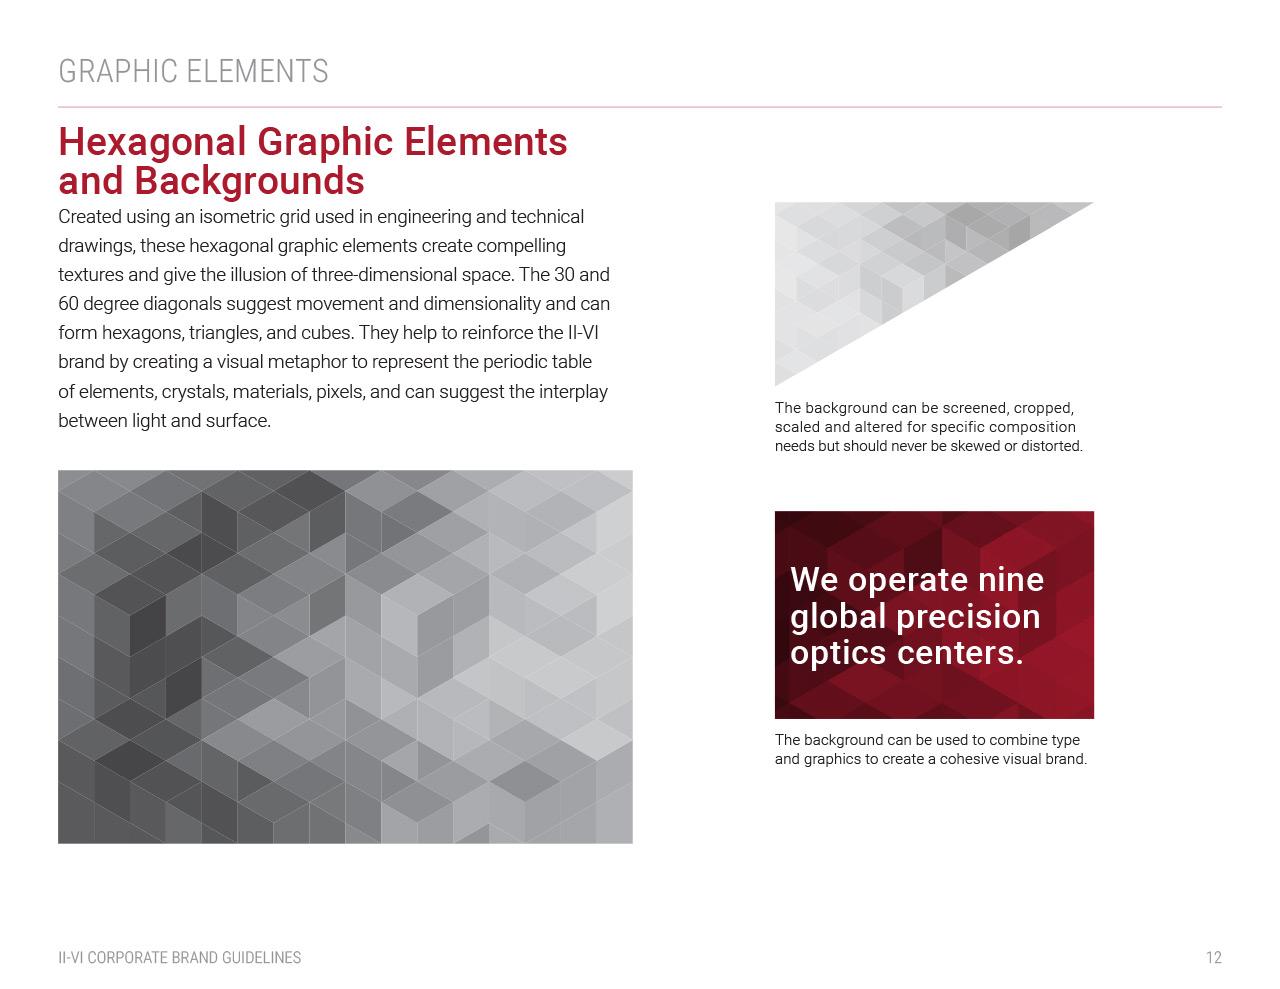 branding guidelines portfolio feature